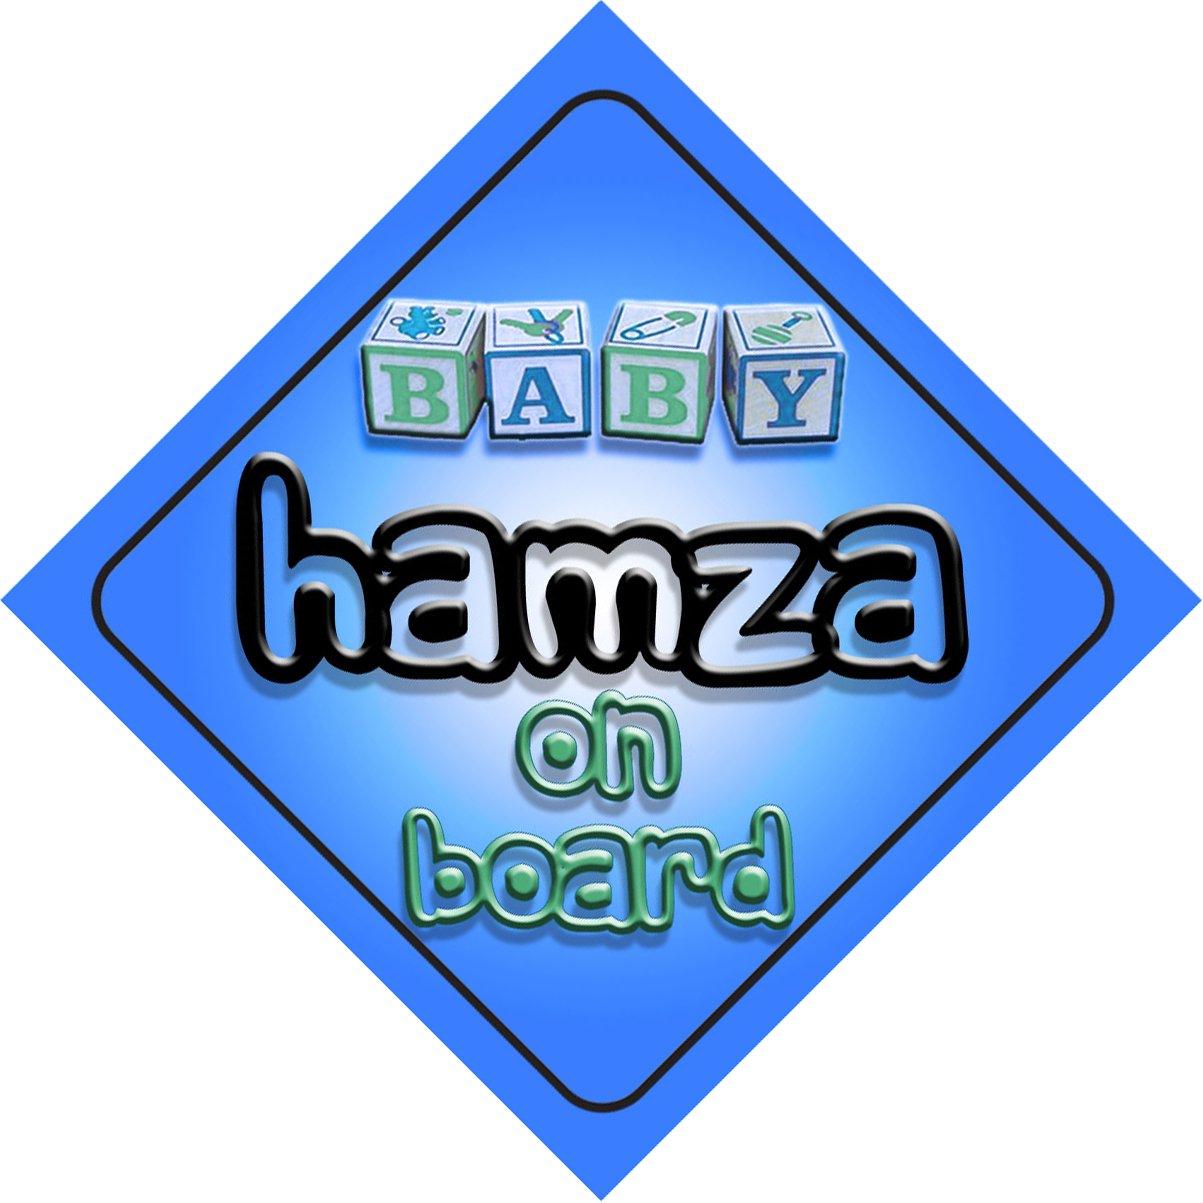 Bébé Garçon Hamza on Board fantaisie Panneau de voiture Cadeau/cadeau pour nouveau/enfant nouveau-né